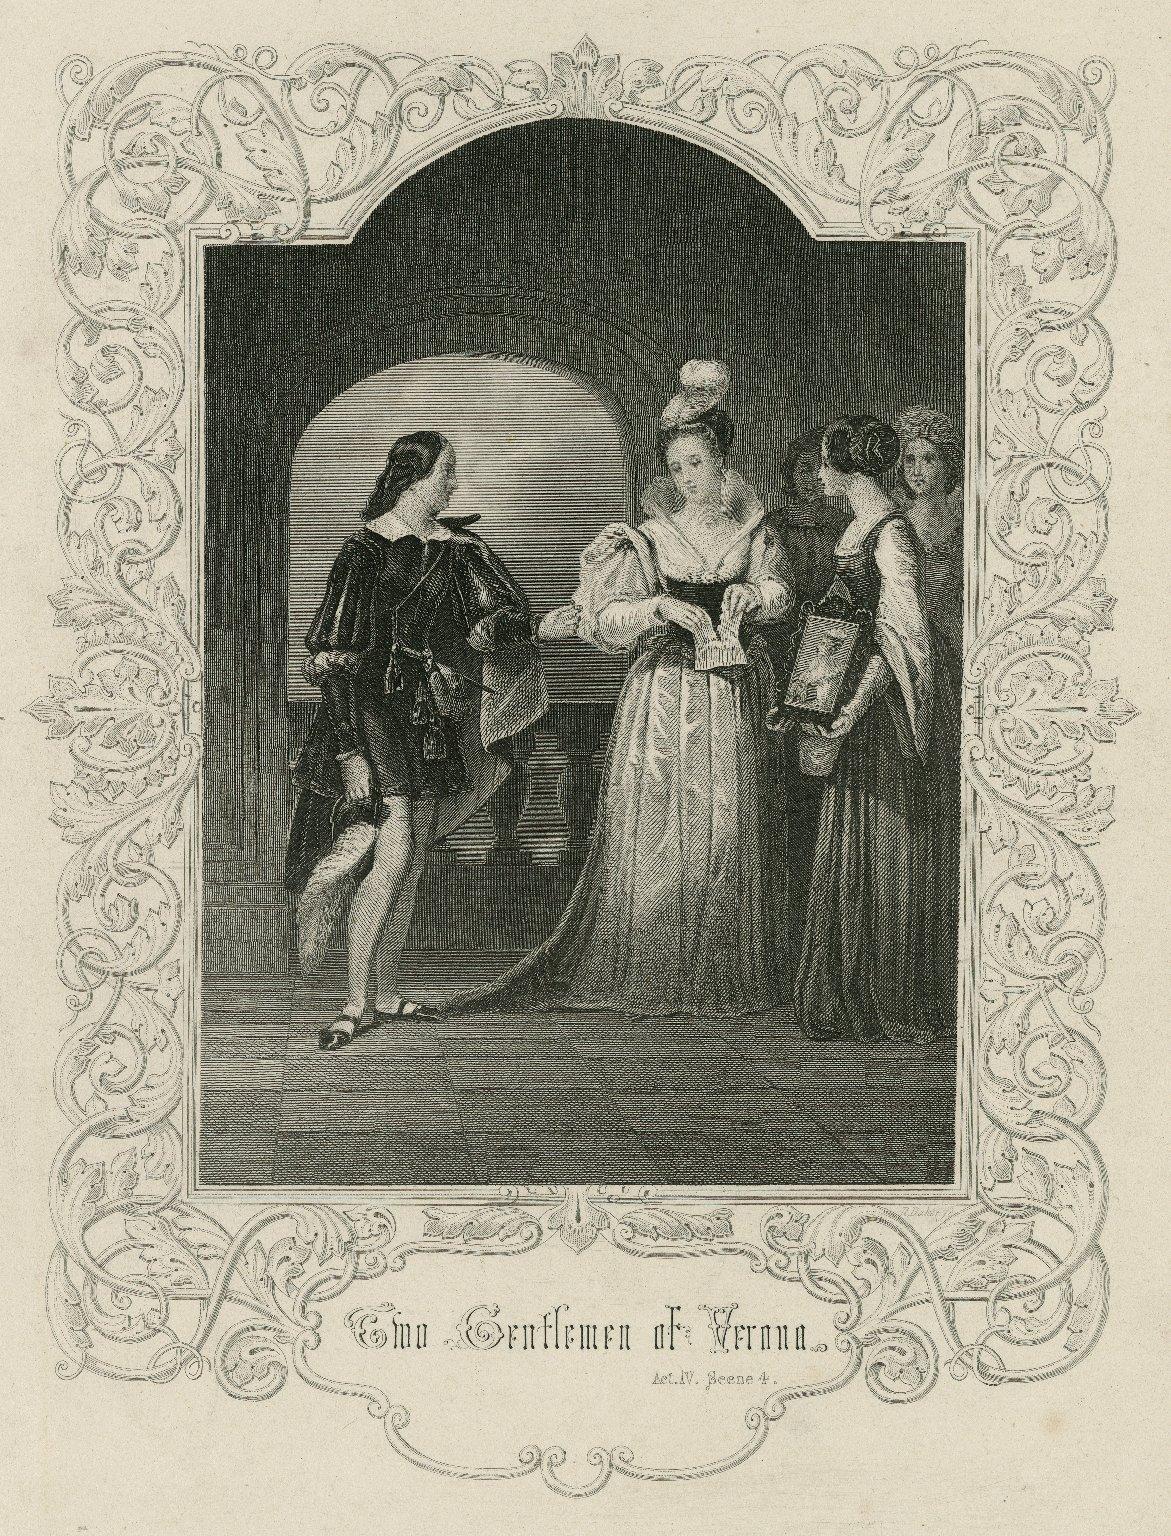 Two gentlemen of Verona, act IV, scene 4 [graphic] / [Henry Warren] ; R. Baker, sc.